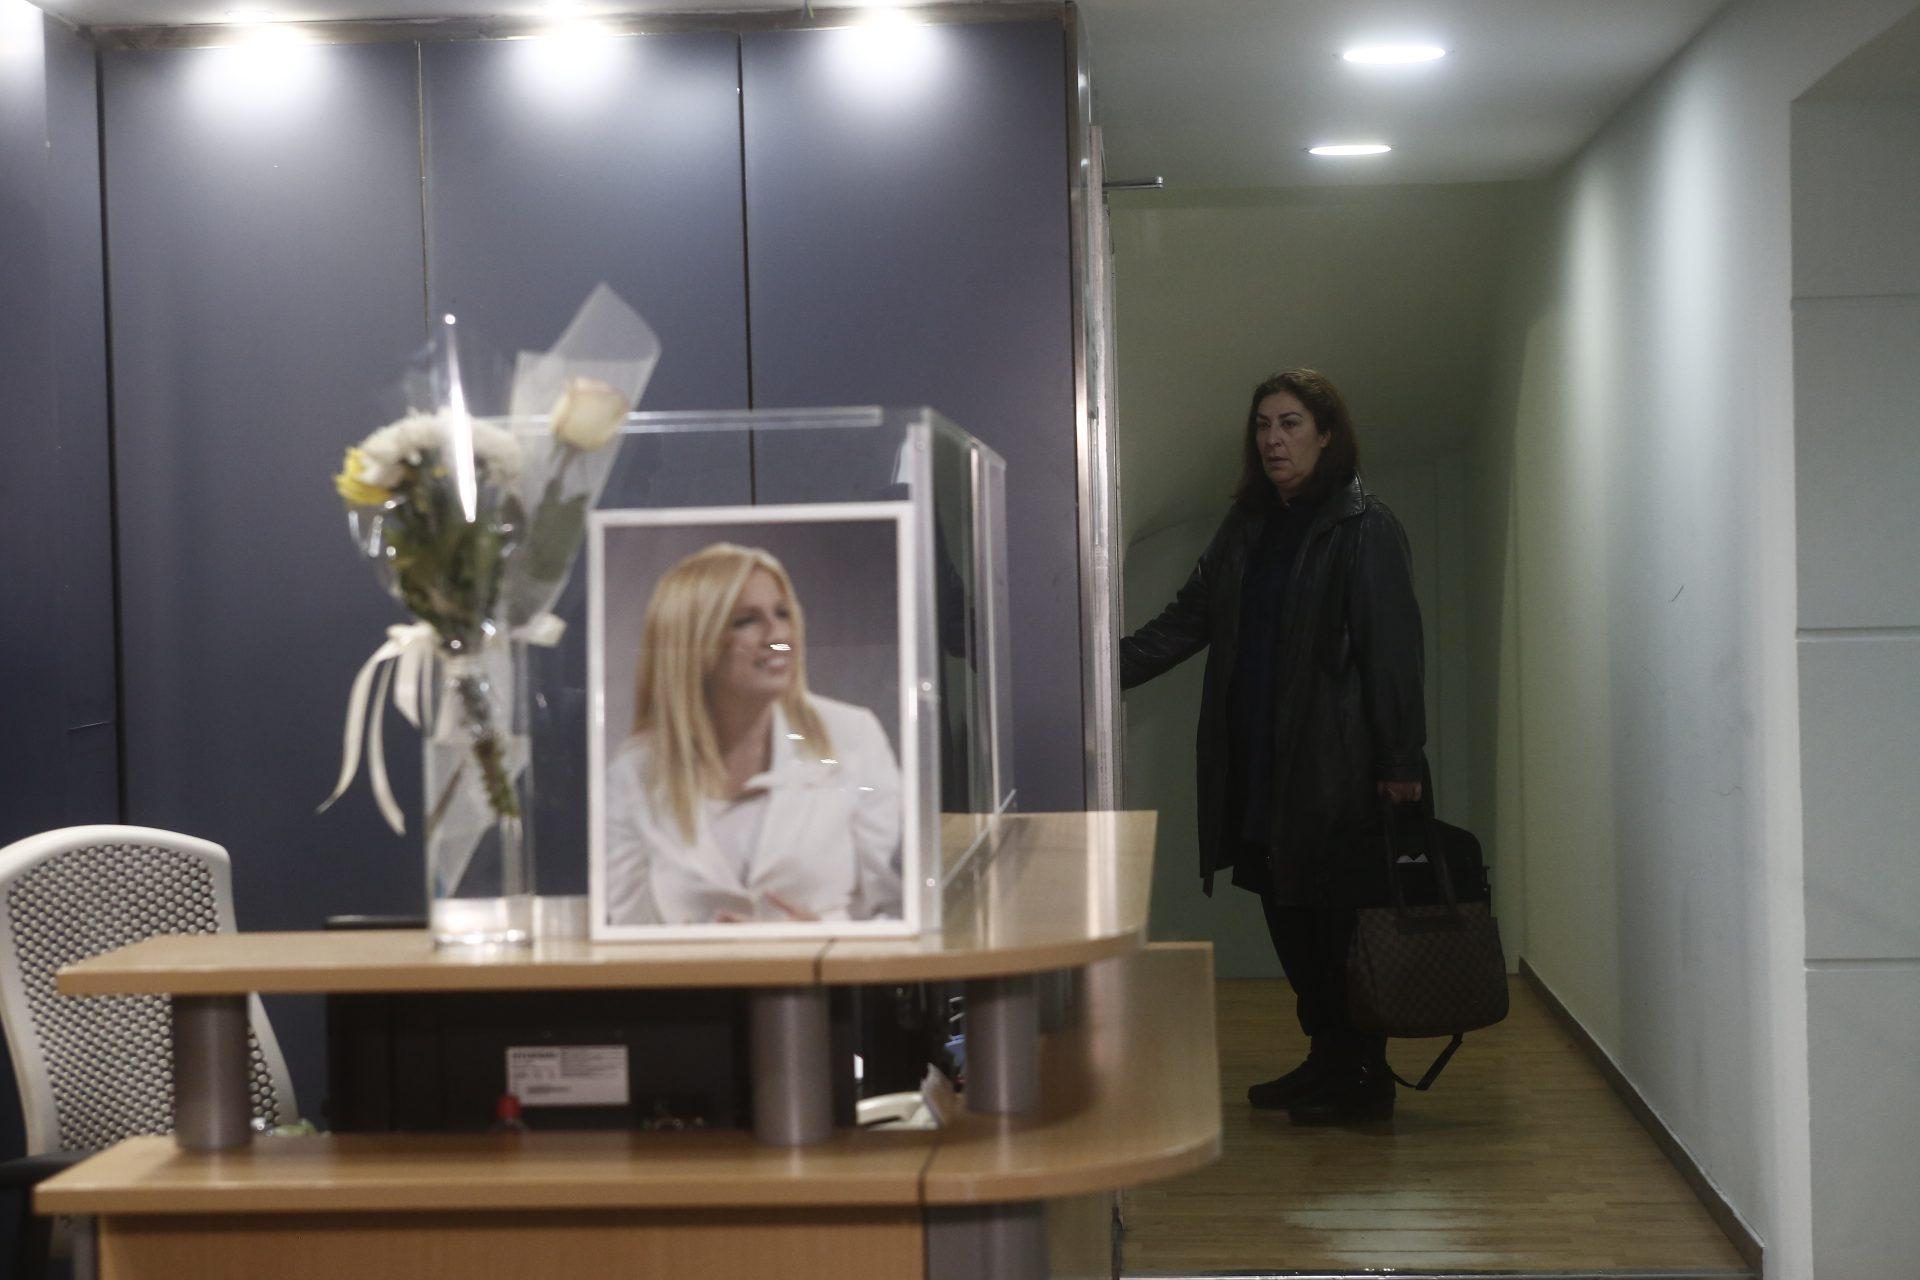 Στο μνήμα που είχε ταφεί και ο πατέρας της θα ενταφιαστεί η σορός της Φώφης Γεννηματά